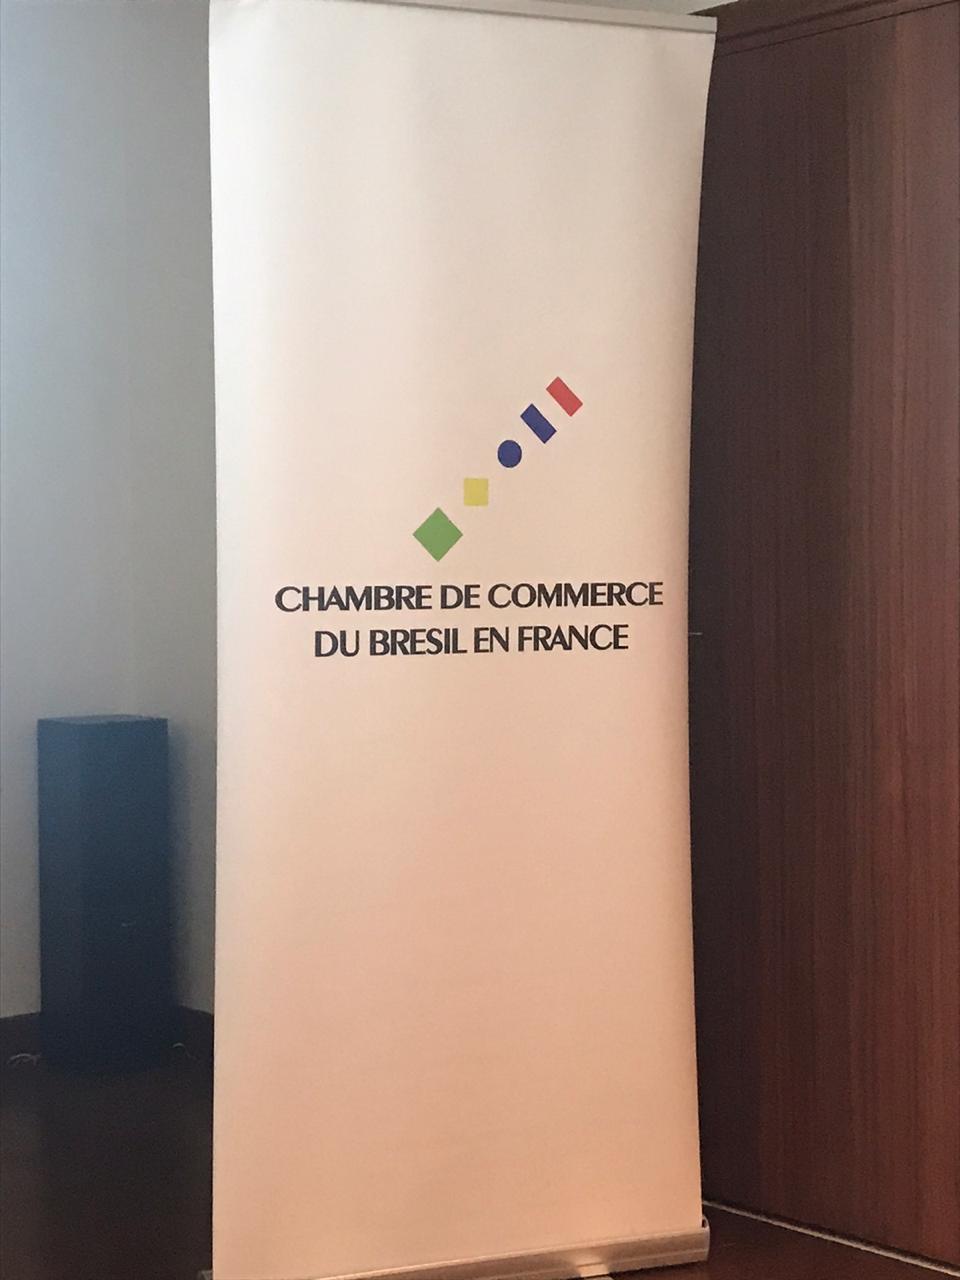 Encontro com empresários organizado pela Câmara de Comércio Brasil-França